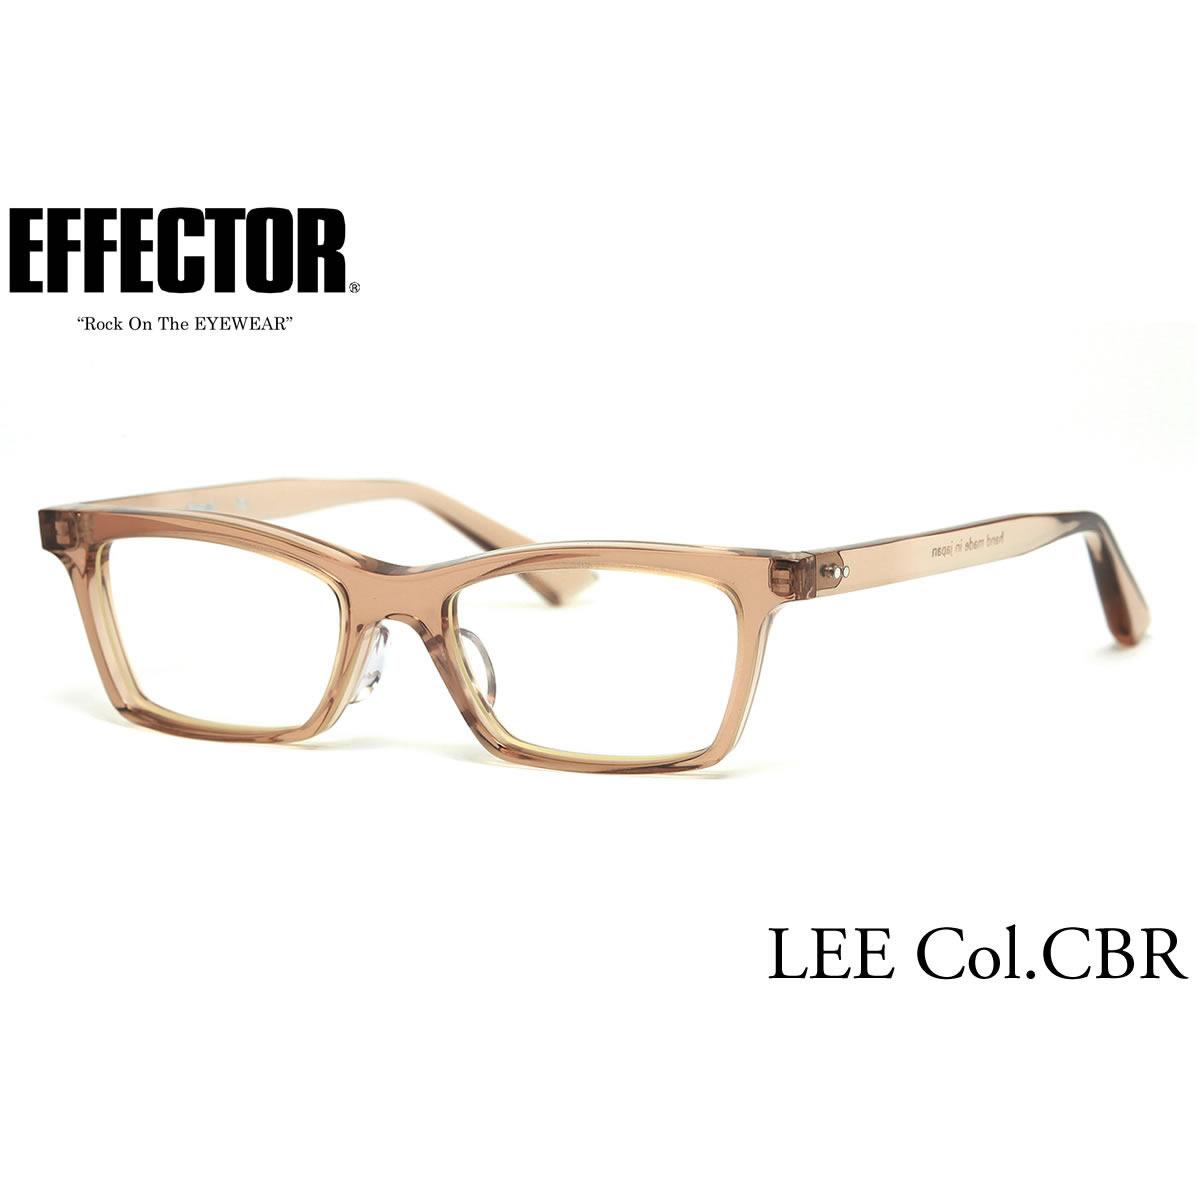 ポイント最大42倍!!お得なクーポンも !! 【effector】エフェクター 眼鏡 メガネ フレーム LEE CBR/S 50サイズ エフェクター effector リー UVカット仕様伊達メガネレンズ付 日本製 セルロイド レディース メンズ